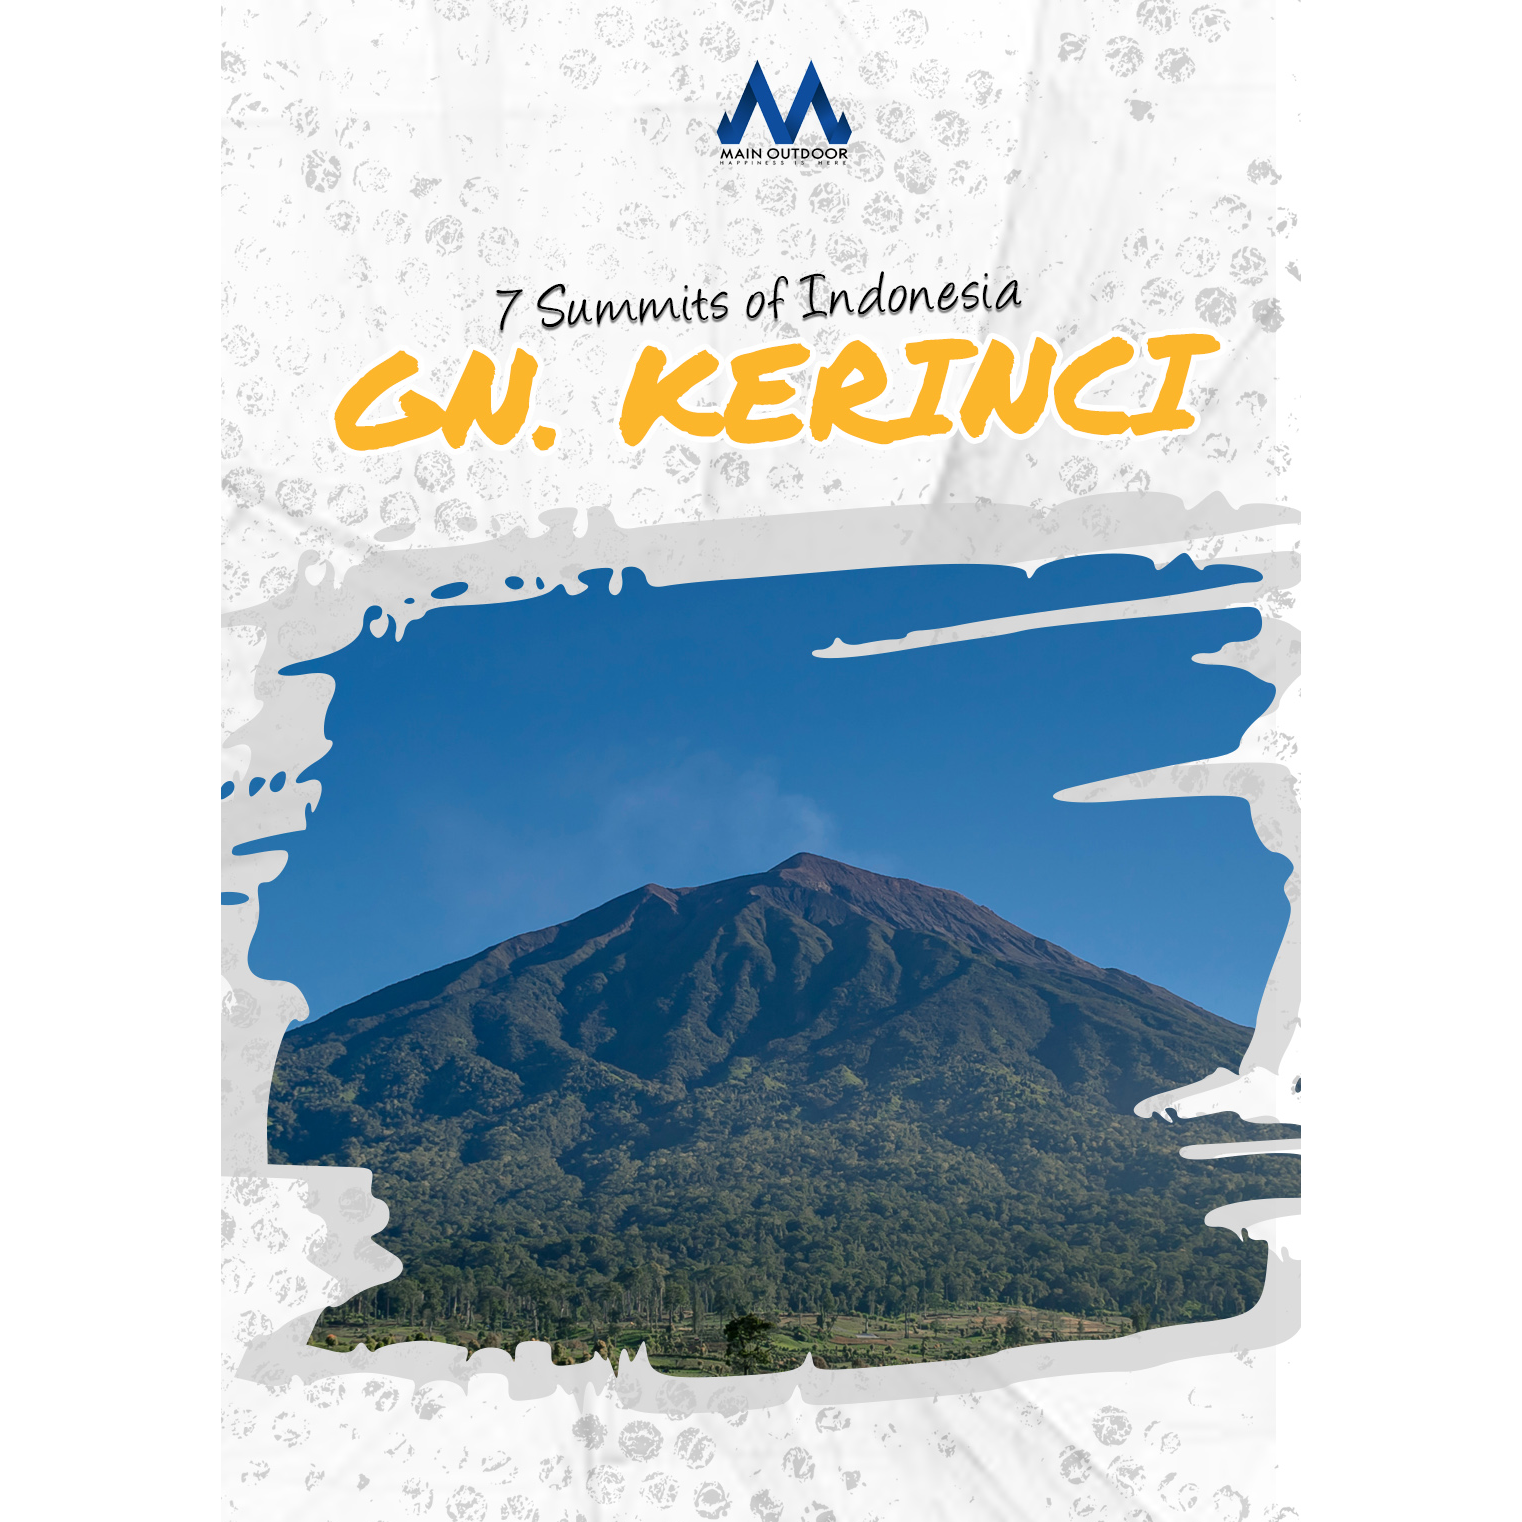 Mt. Kerinci 7 Summit Indonesia